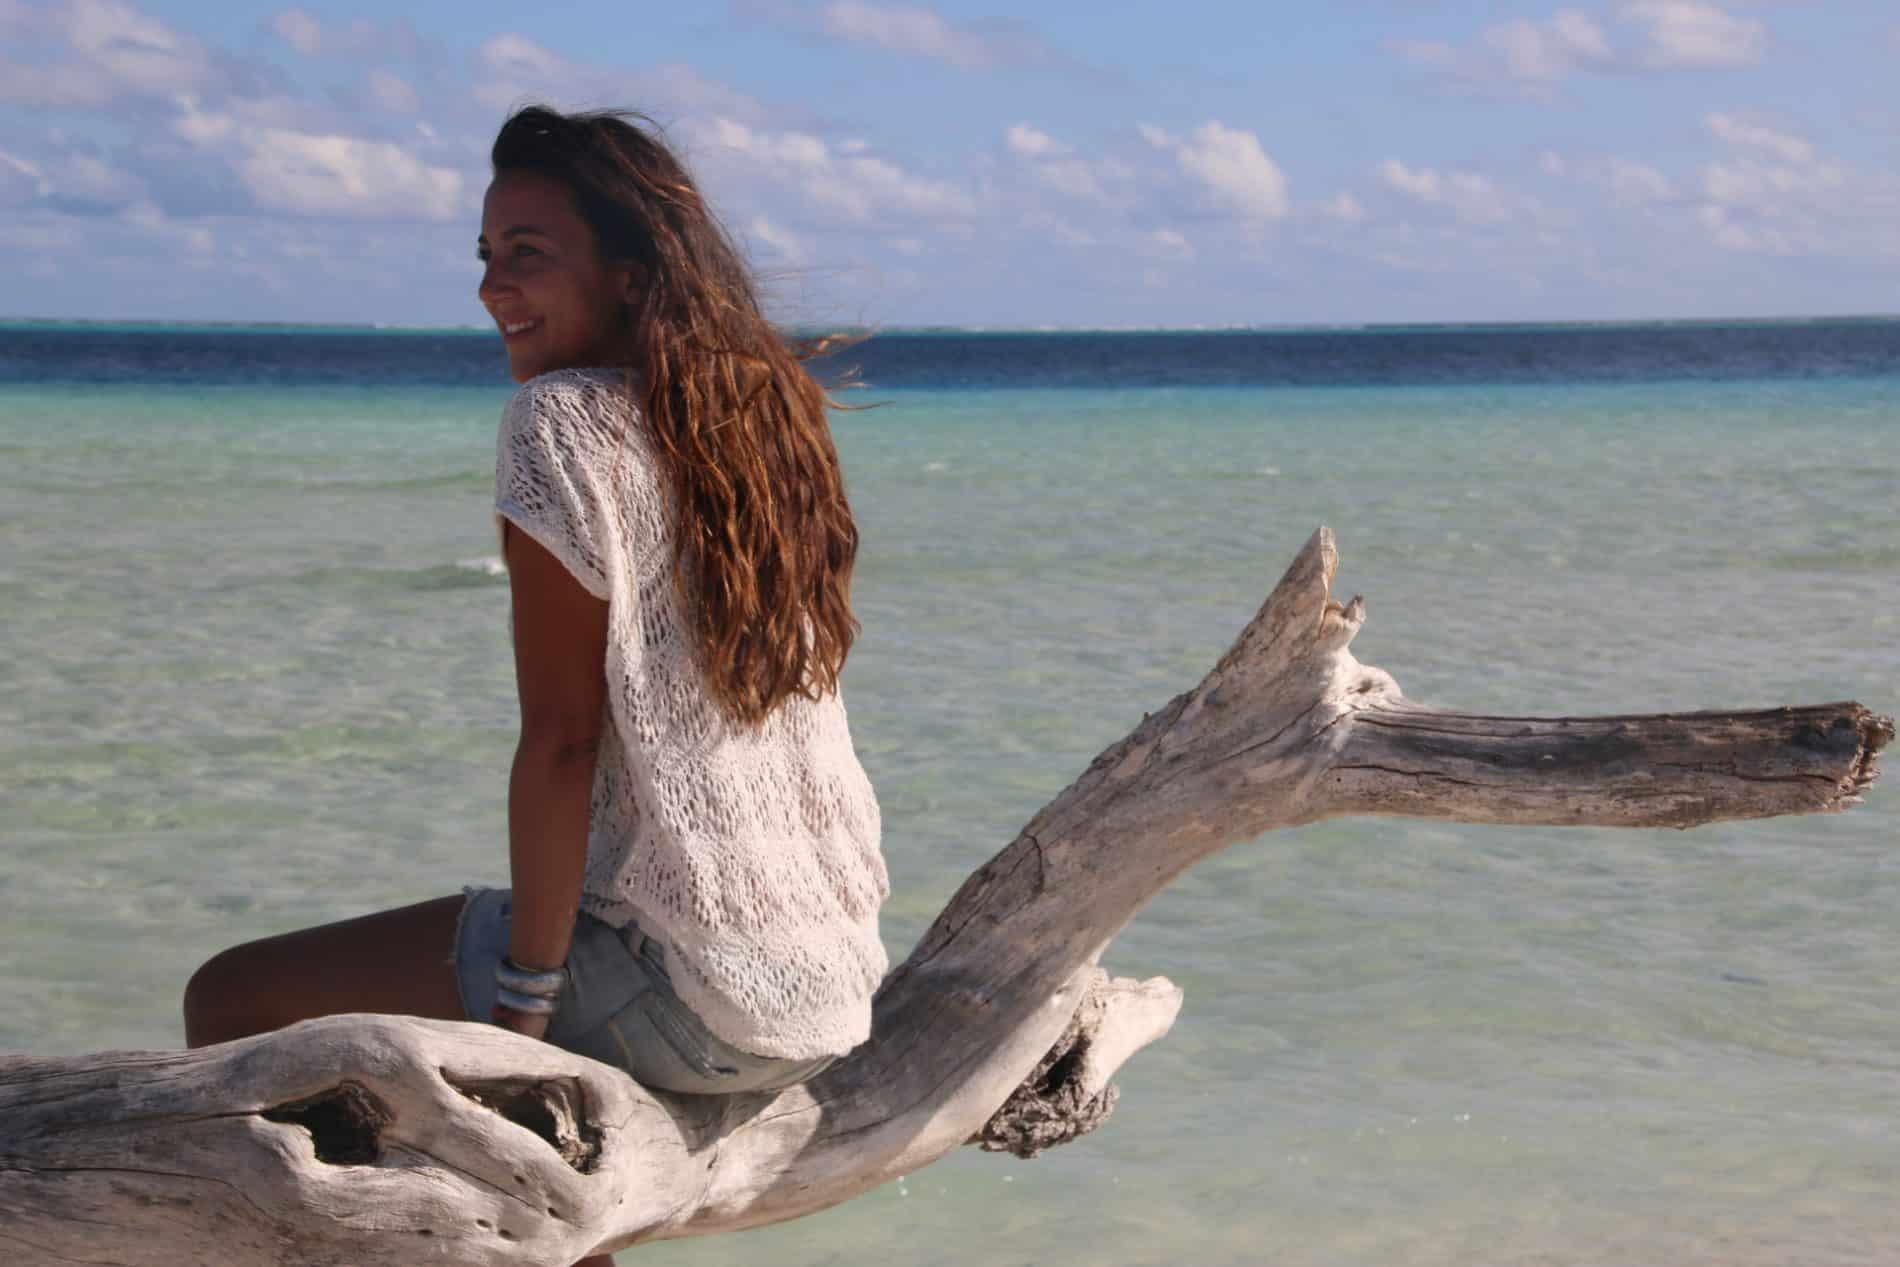 Nouvelle Calédonie_Mademoiselle voyage_île des pins__atoll de Nokanhui_39